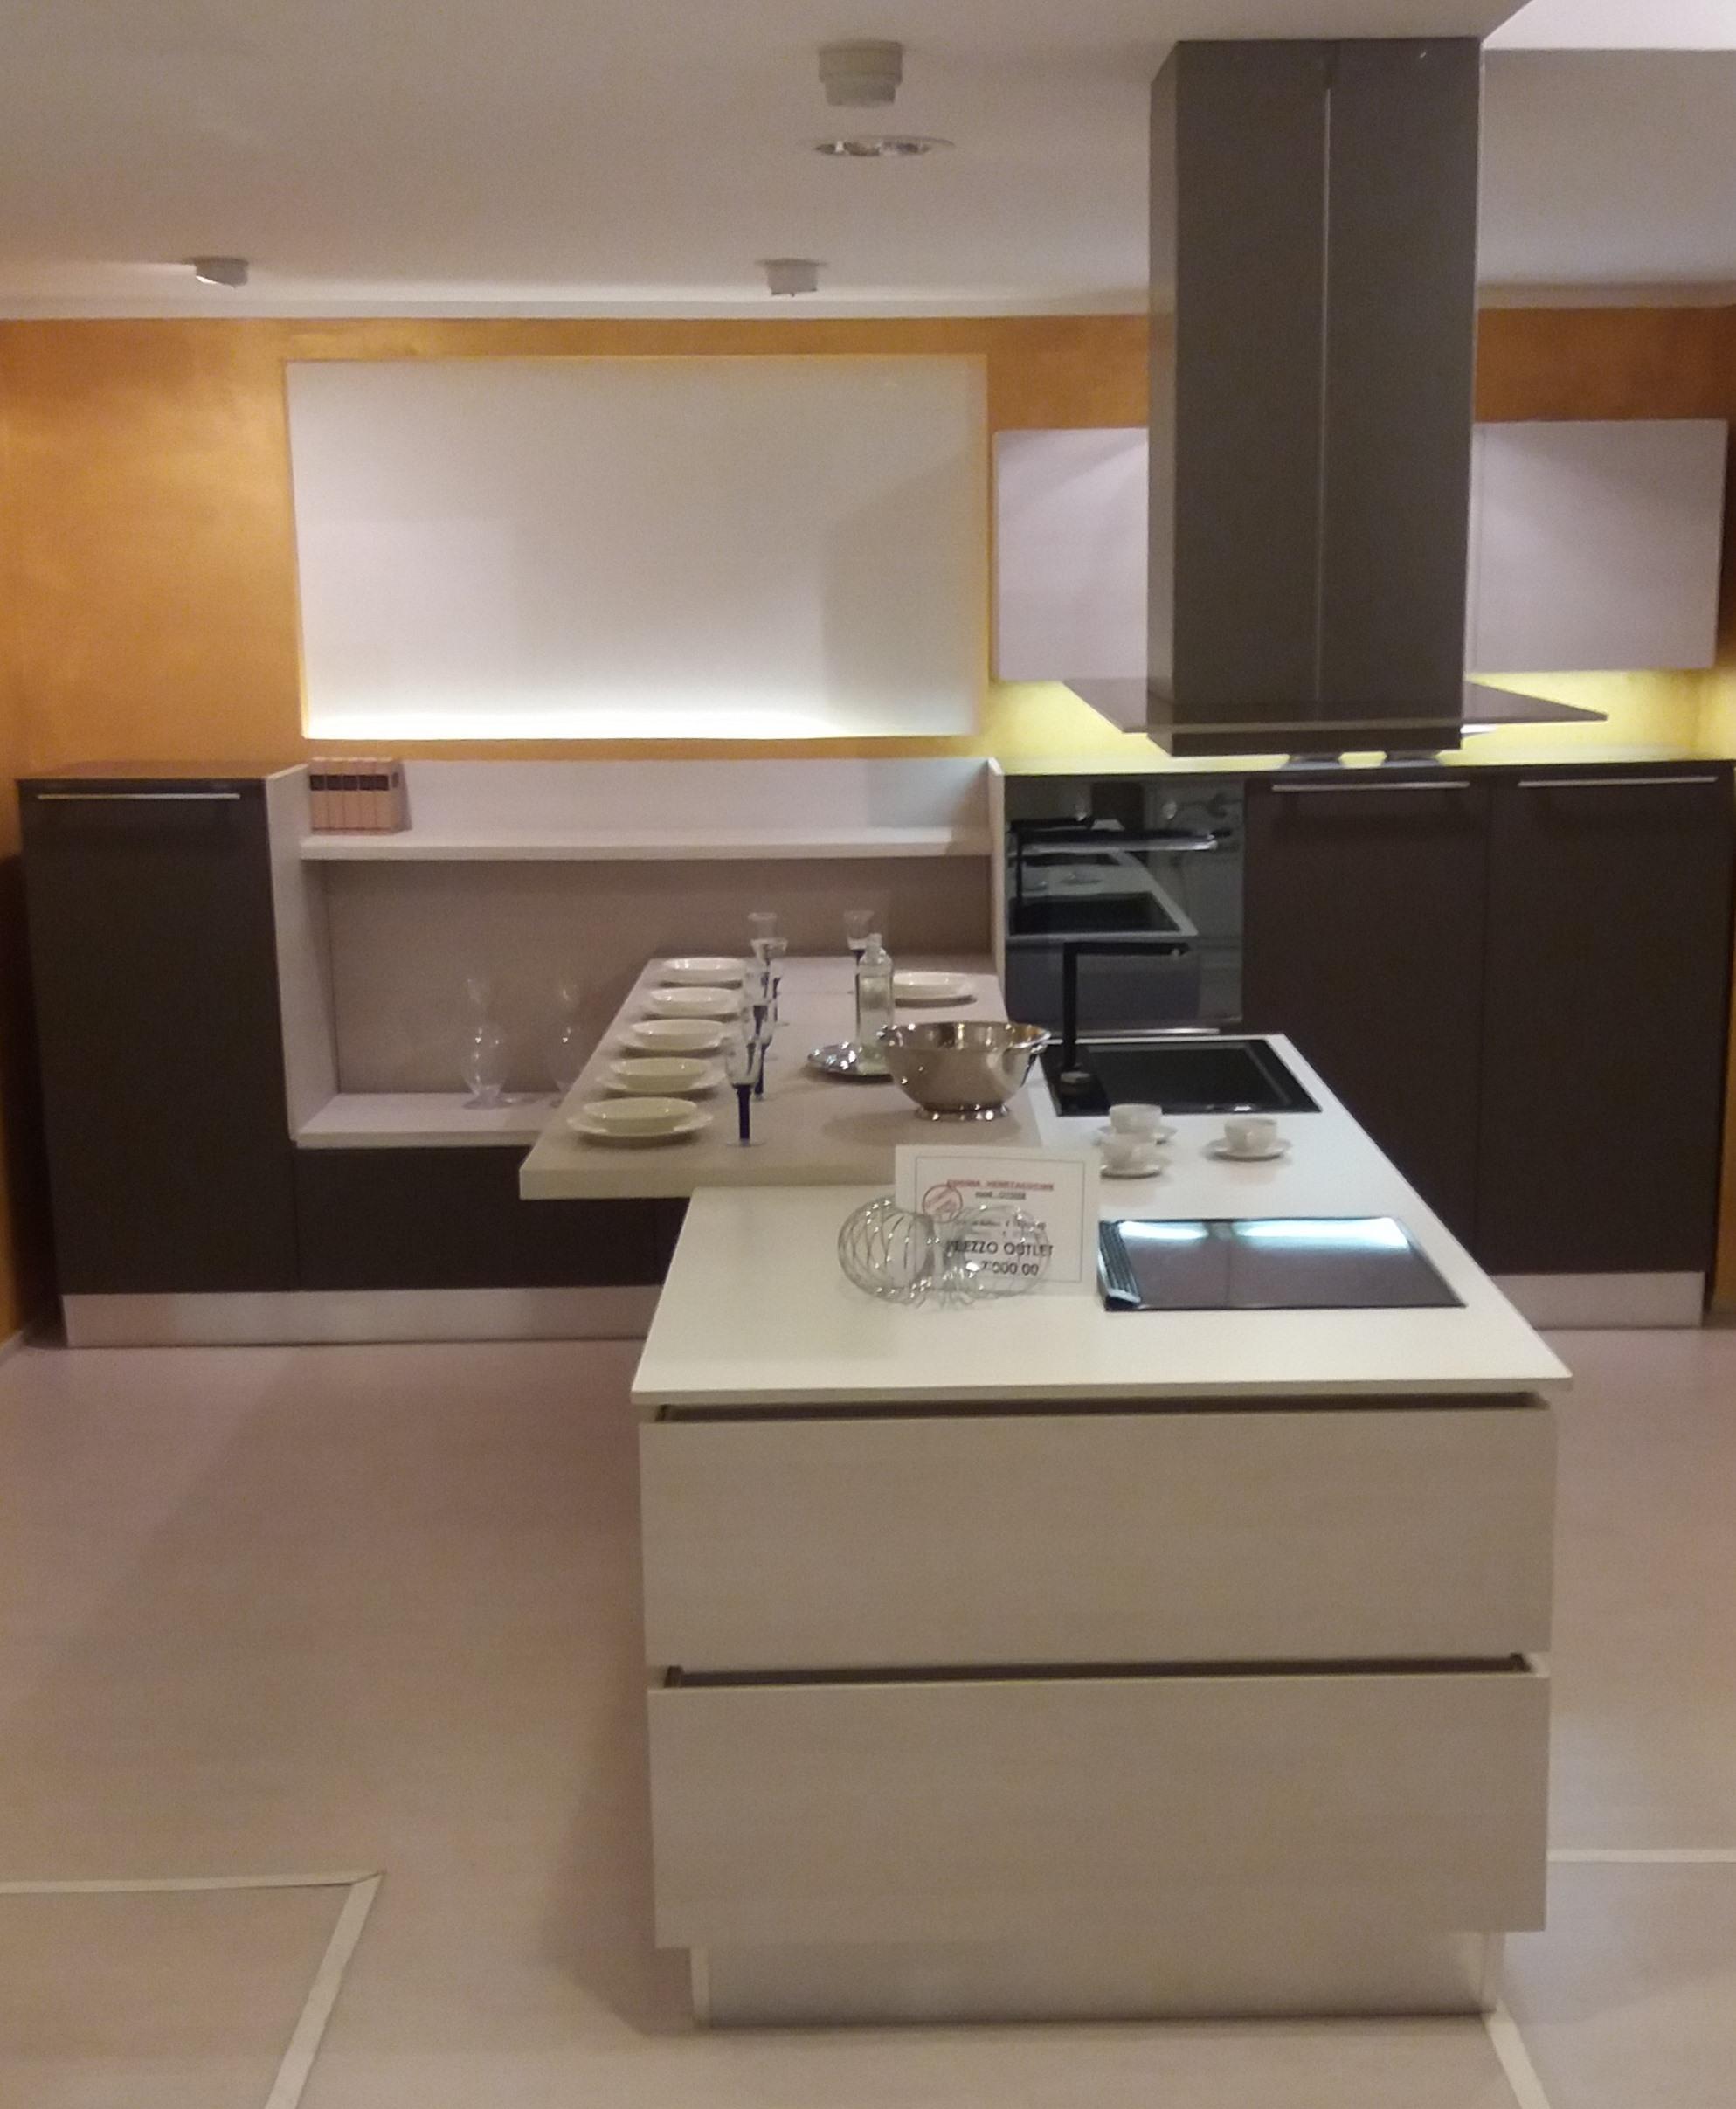 Veneta cucine cucina oyster scontato del 56 cucine a - Veneta cucine prezzi ...